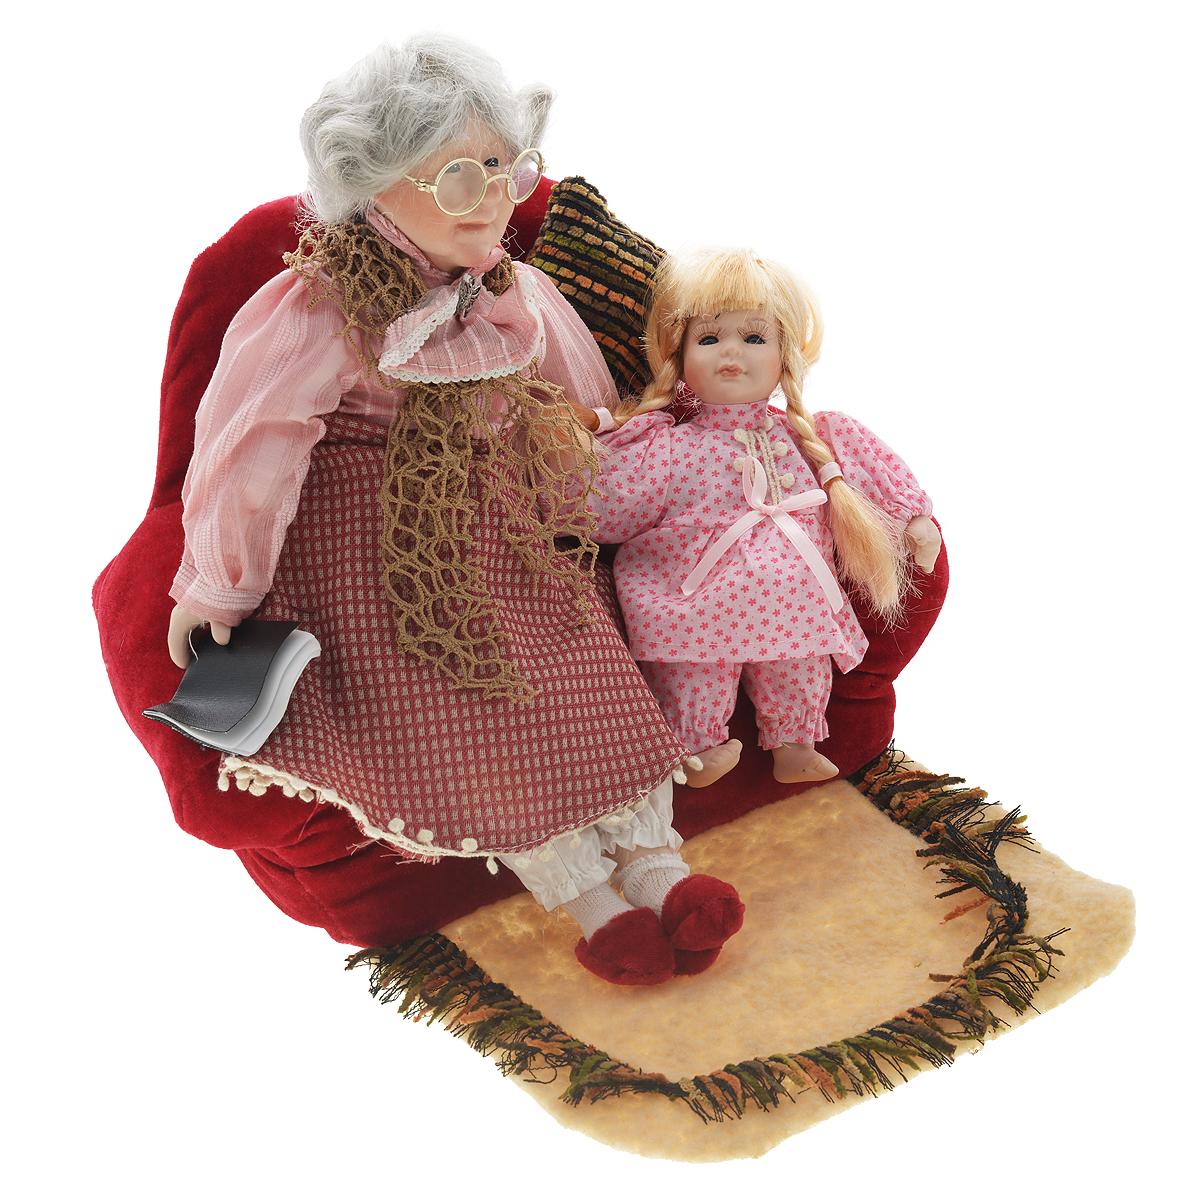 Набор фарфоровых кукол Бабушка с внучкой15815Набор кукол Бабушка с внучкой, выполненные из фарфора, займет достойное место в вашей коллекции. Лицо бабушки украшают оригинальные очки. Седые волосы бабушки имеет игривые завитки. . Туловище кукол мягконабивное. Бабушка наряжена в рубашку и юбку, выполненные из полиэстера. Подол юбки оформлен декоративной тесьмой. На шее повязан плетеный платок. На ногах бабушки плюшевые тапочки. У внучки красивые глазки, обрамленные длинными ресницами, и светлые волосы, заплетенные в косички. Внучка наряжена в пижаму, украшенную тесьмой. Румянец на щеках приближает кукол к живым прототипам. Куклы располагаются на мягком диване. Картину дополняют подушка, коврик и книга.